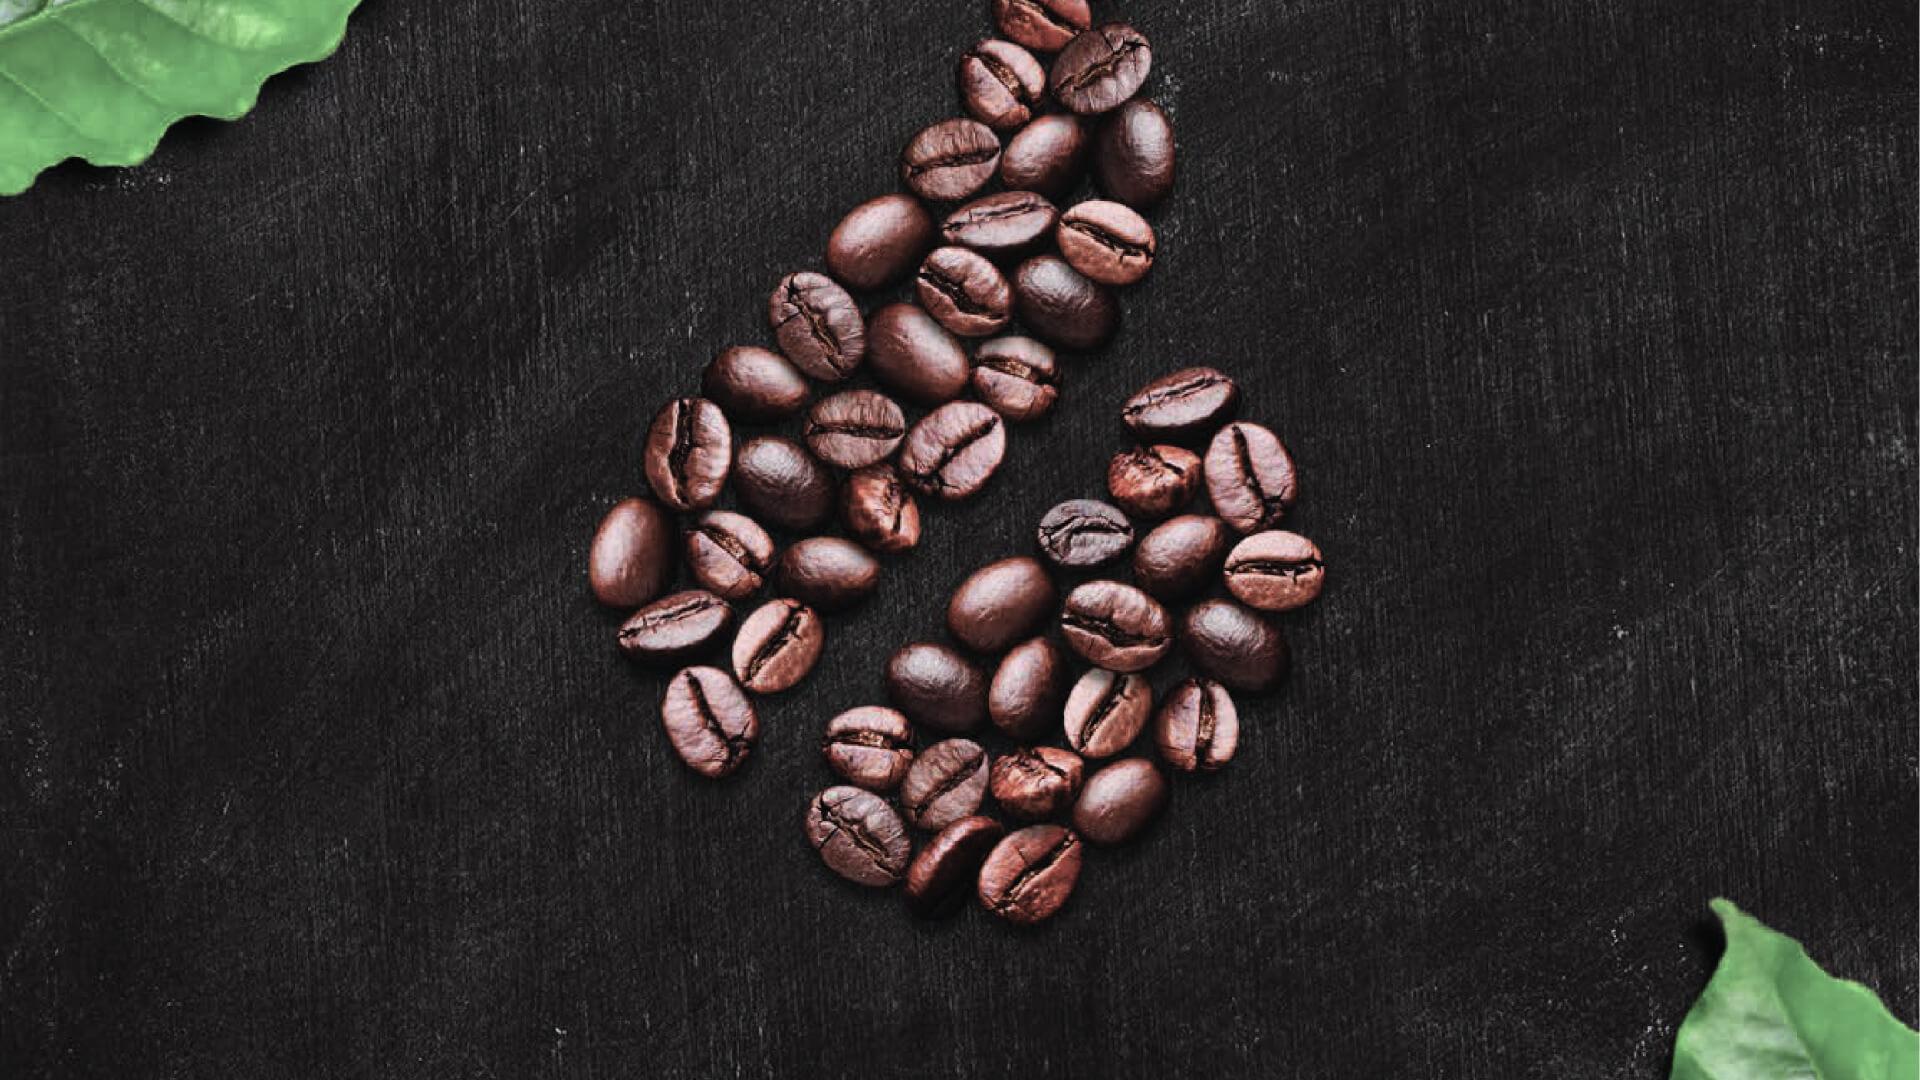 logótipo da marca Cafés Candelas com grãos de café